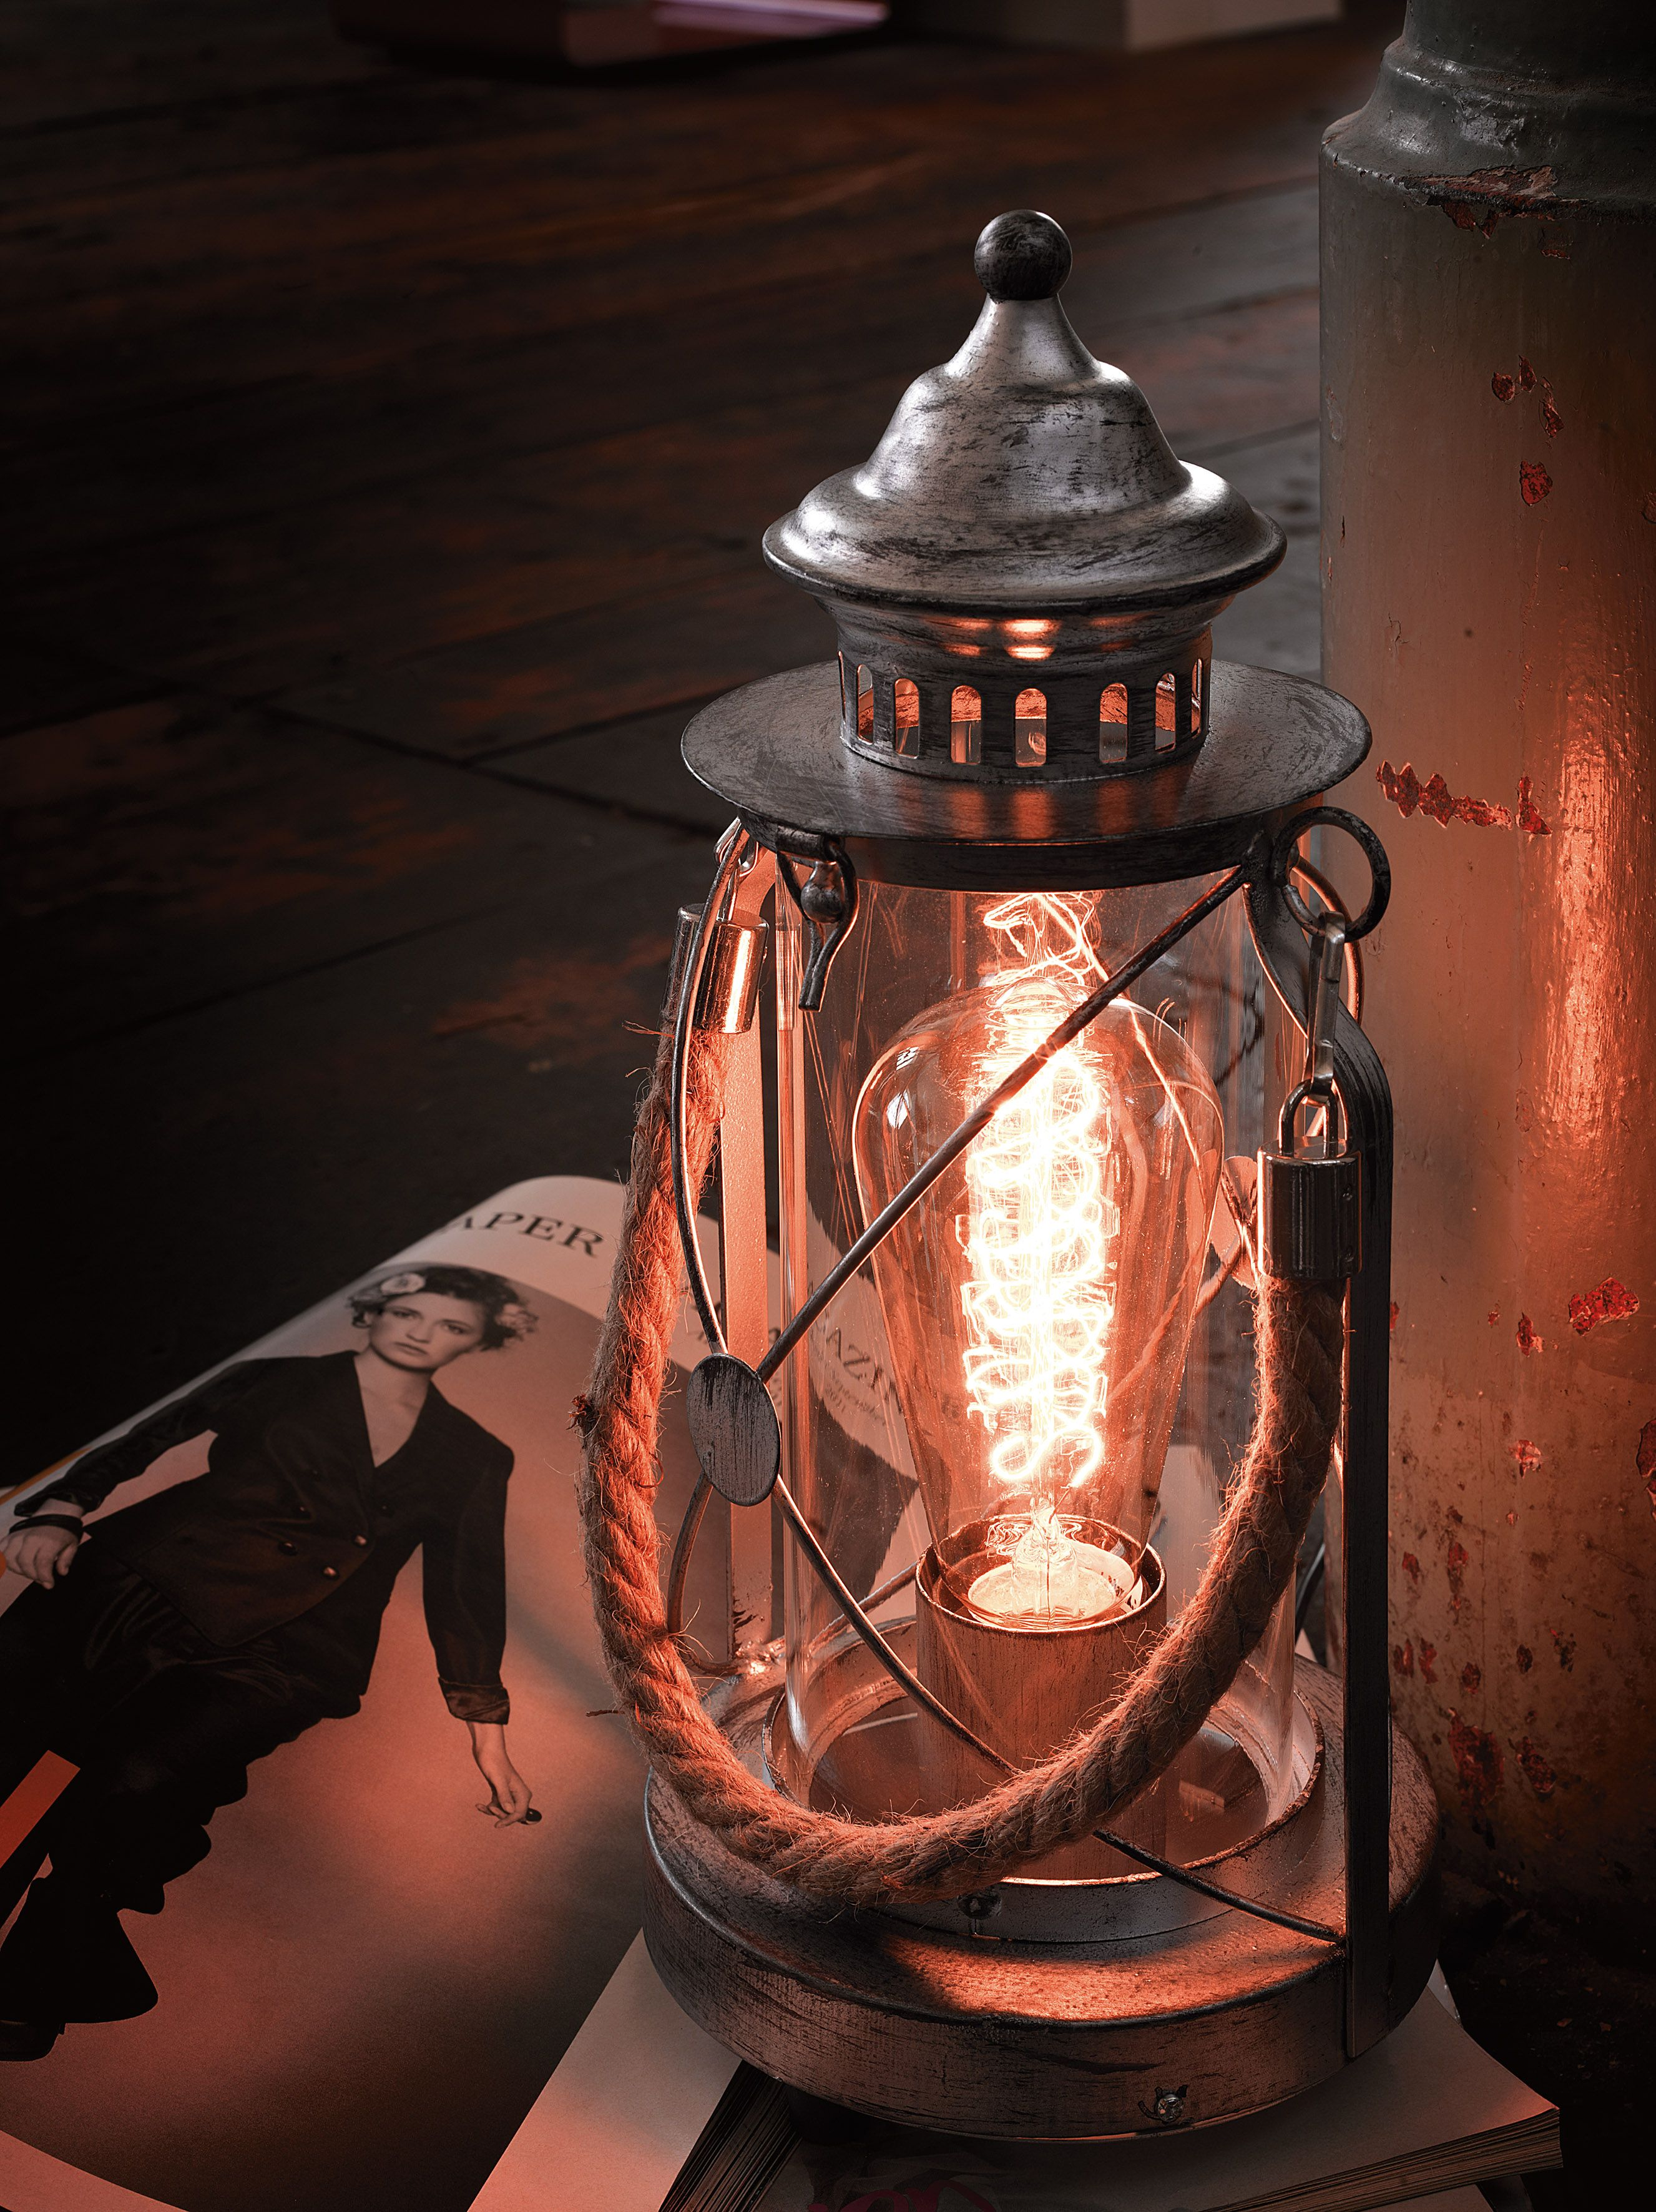 3c1a6d4b4830db257e711e882113e6a8 Faszinierend Was ist Eine Glühlampe Dekorationen